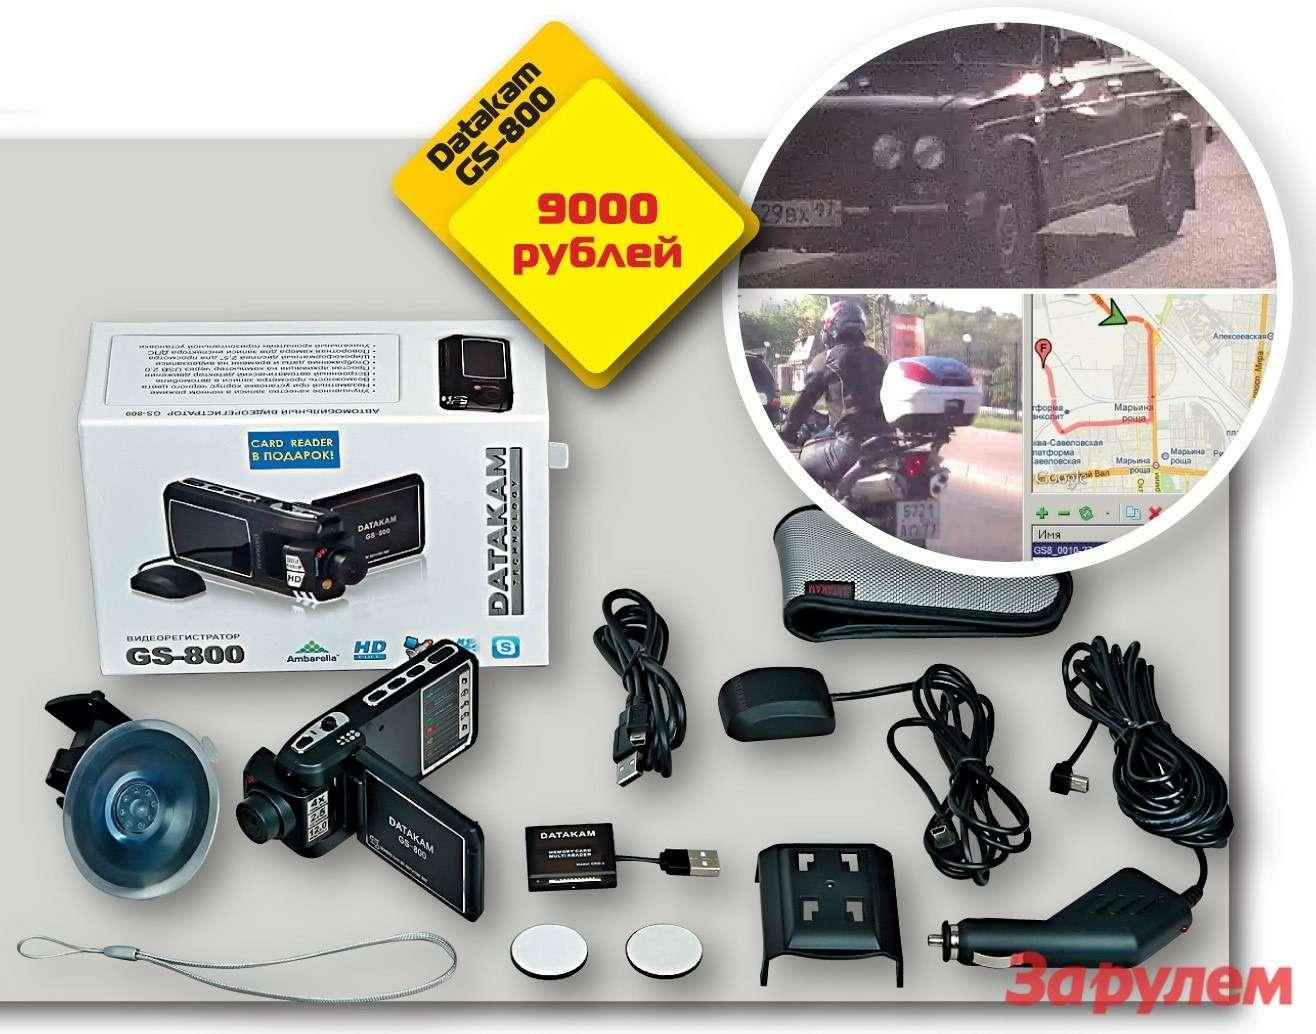 Datakam GS-800